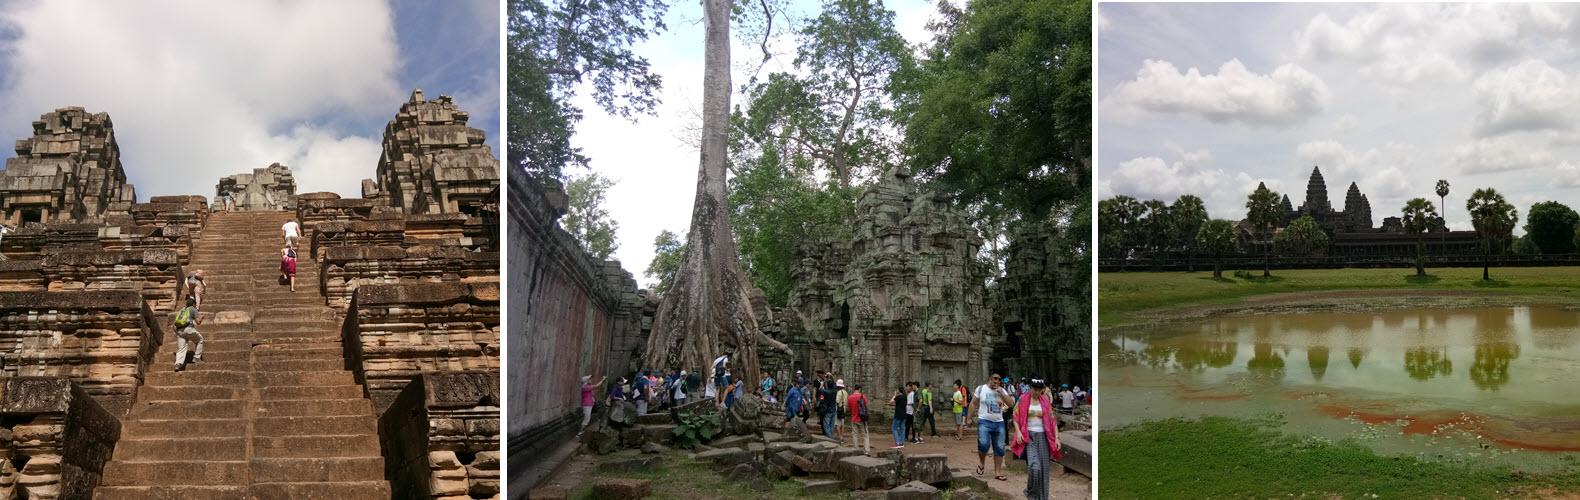 Экскурсия в Камбоджу из Паттайи